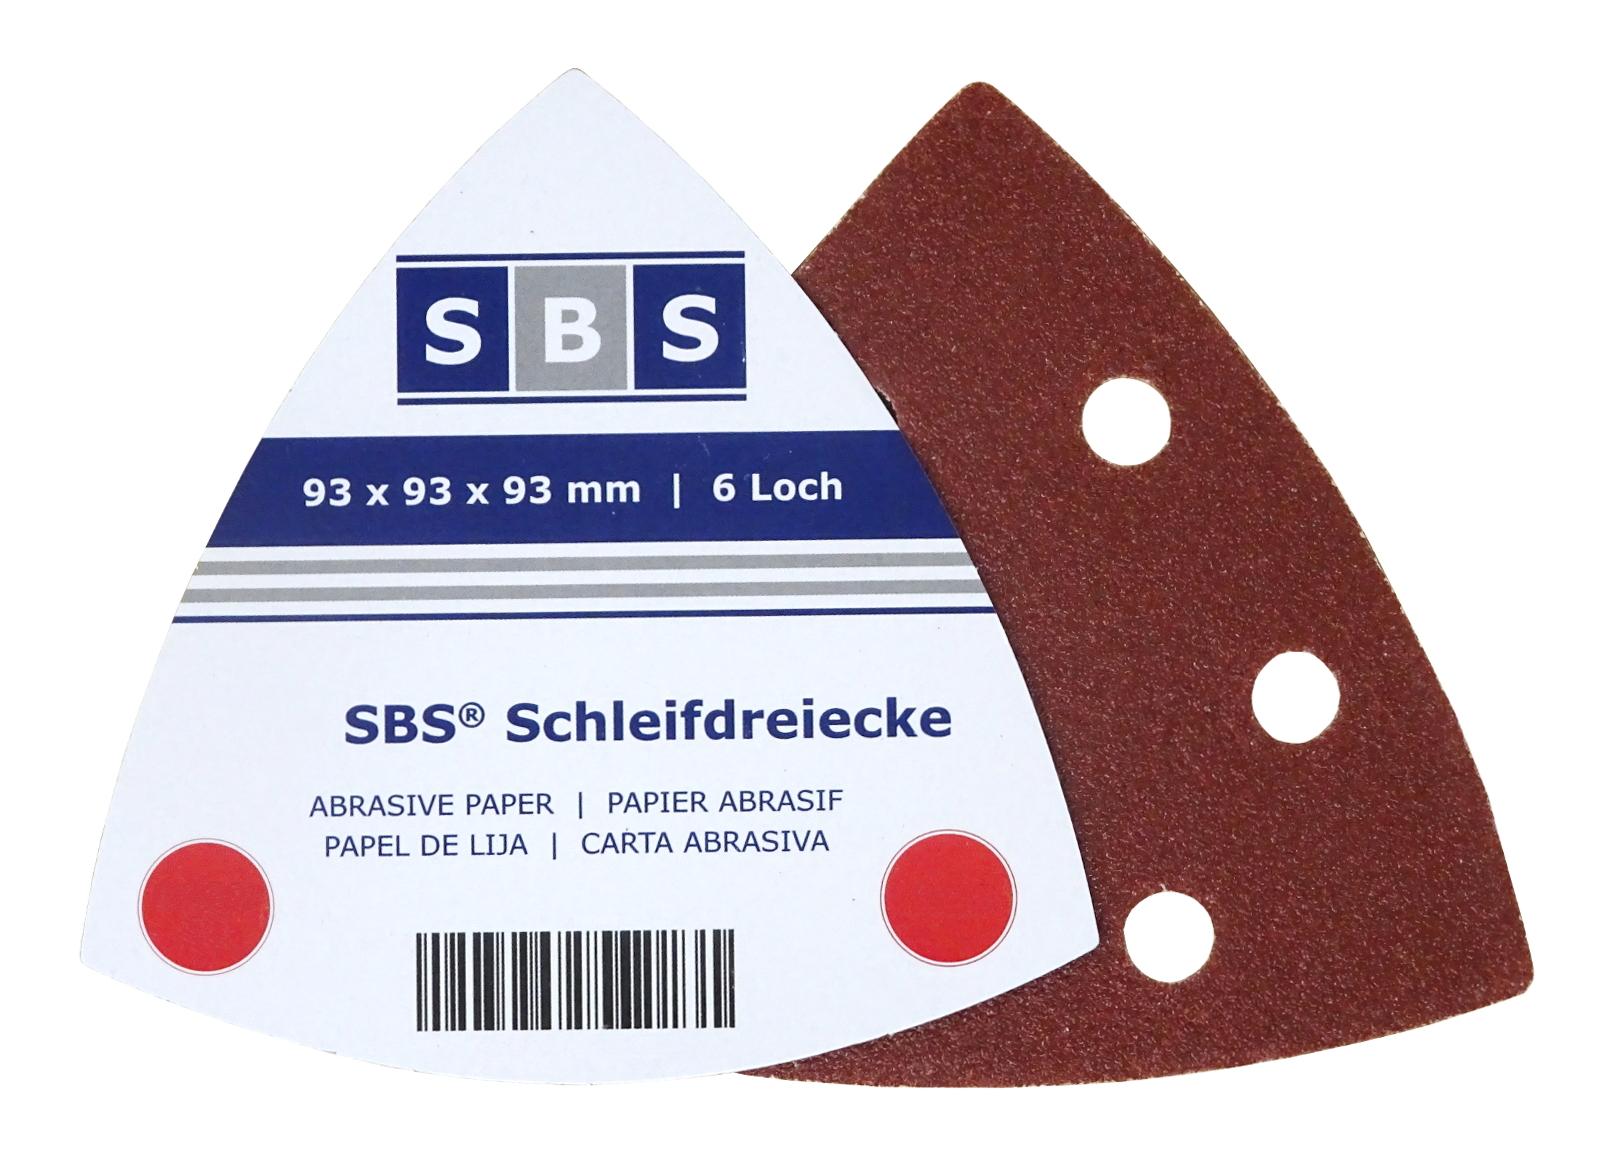 P120  Loch Schleifpapier Deltaschleifer Klett Delta Schleifdreiecke 93x93 x93